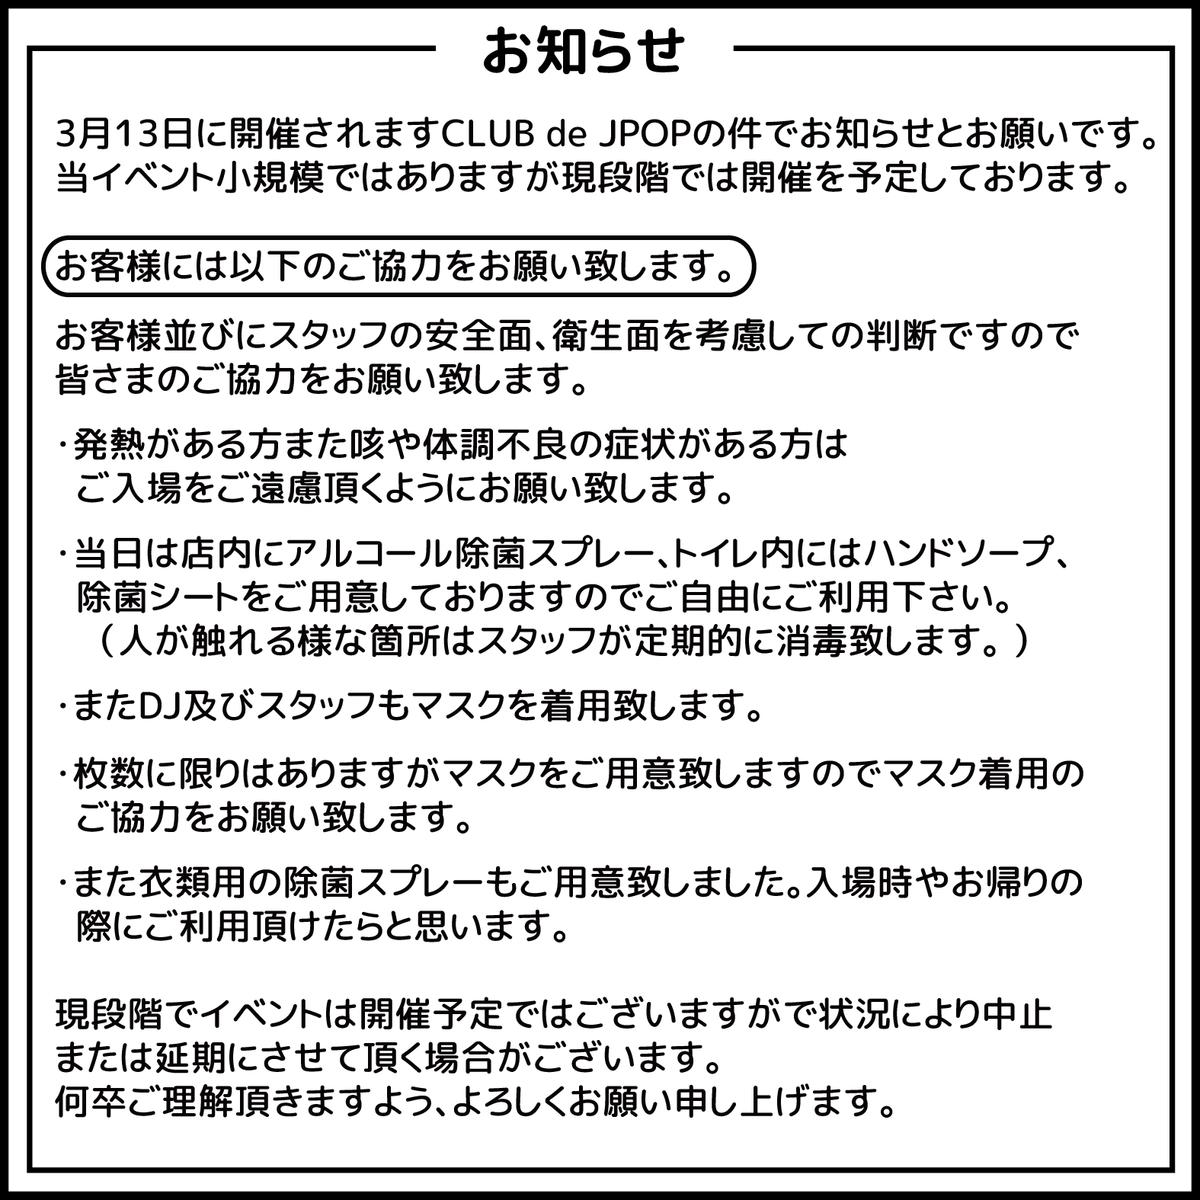 f:id:dj_sumashigao:20200308212536p:plain